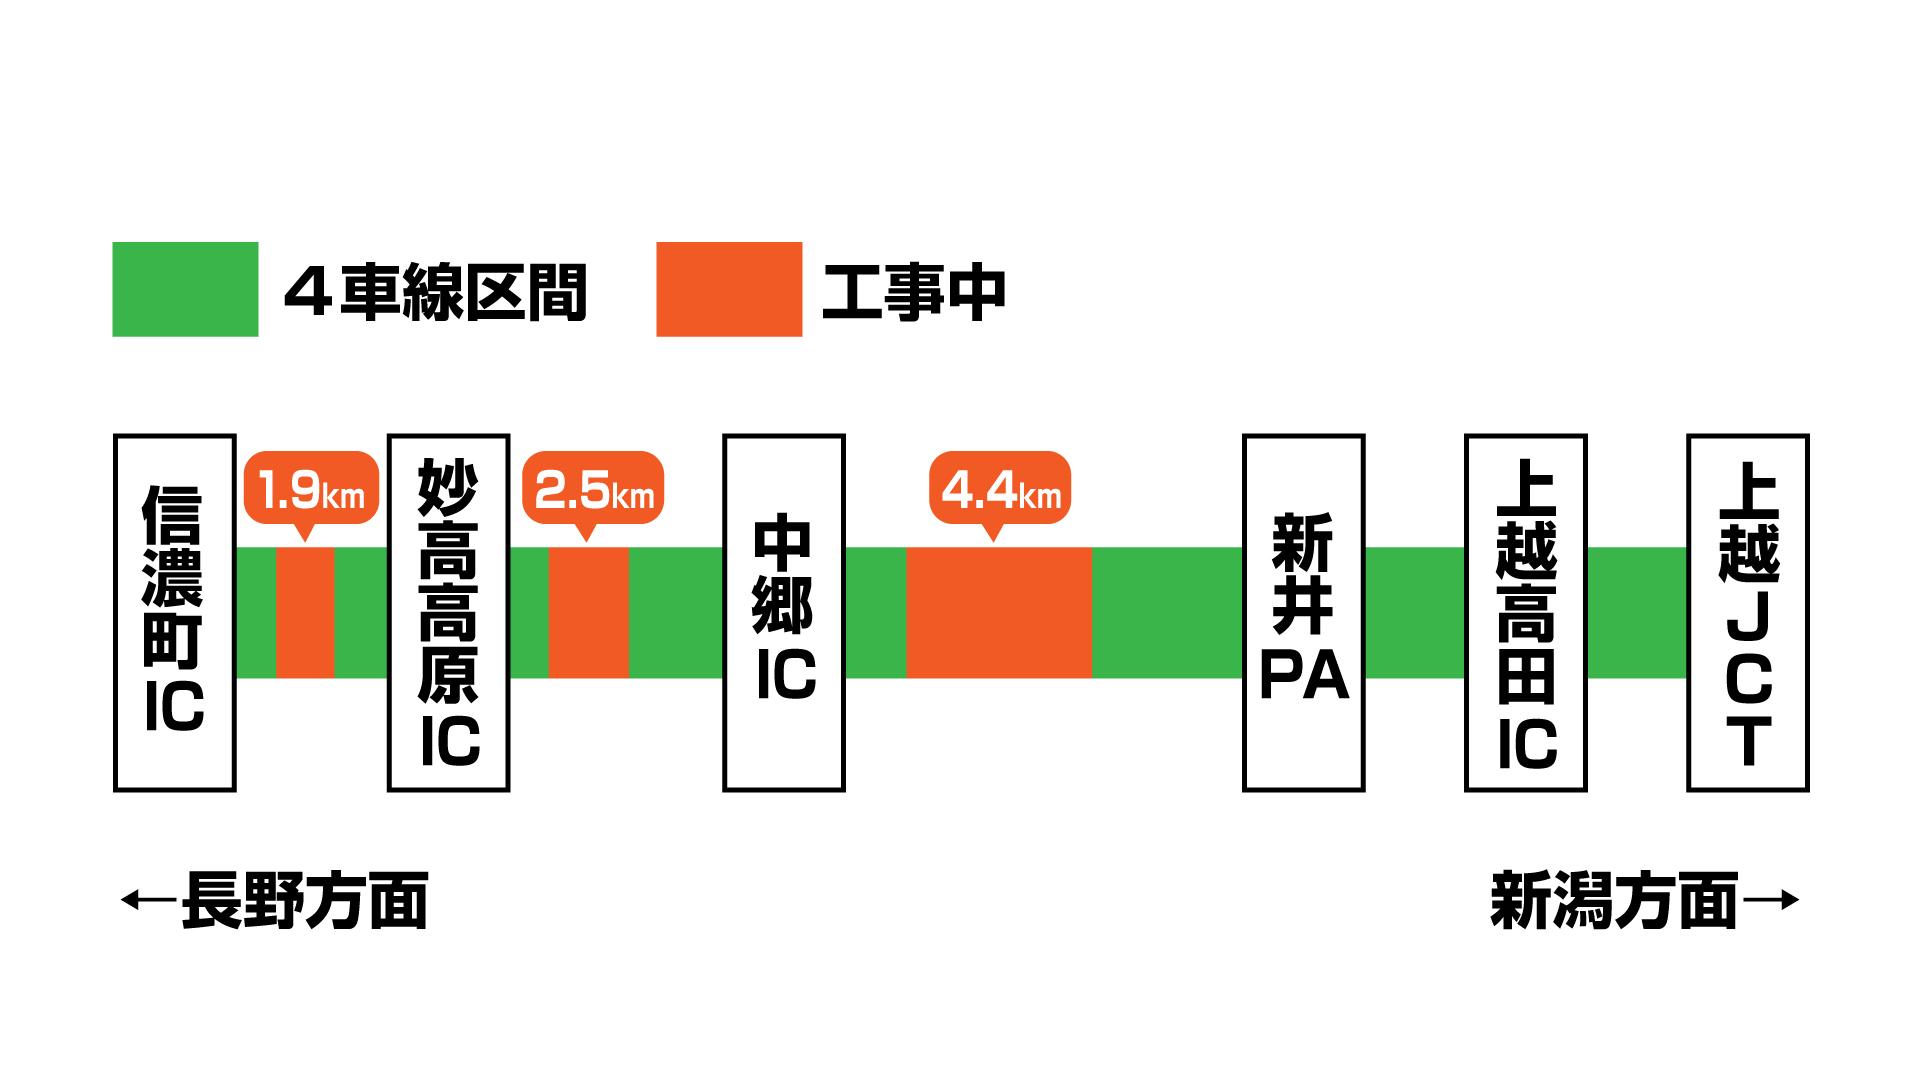 181206_上信越道4車線化2